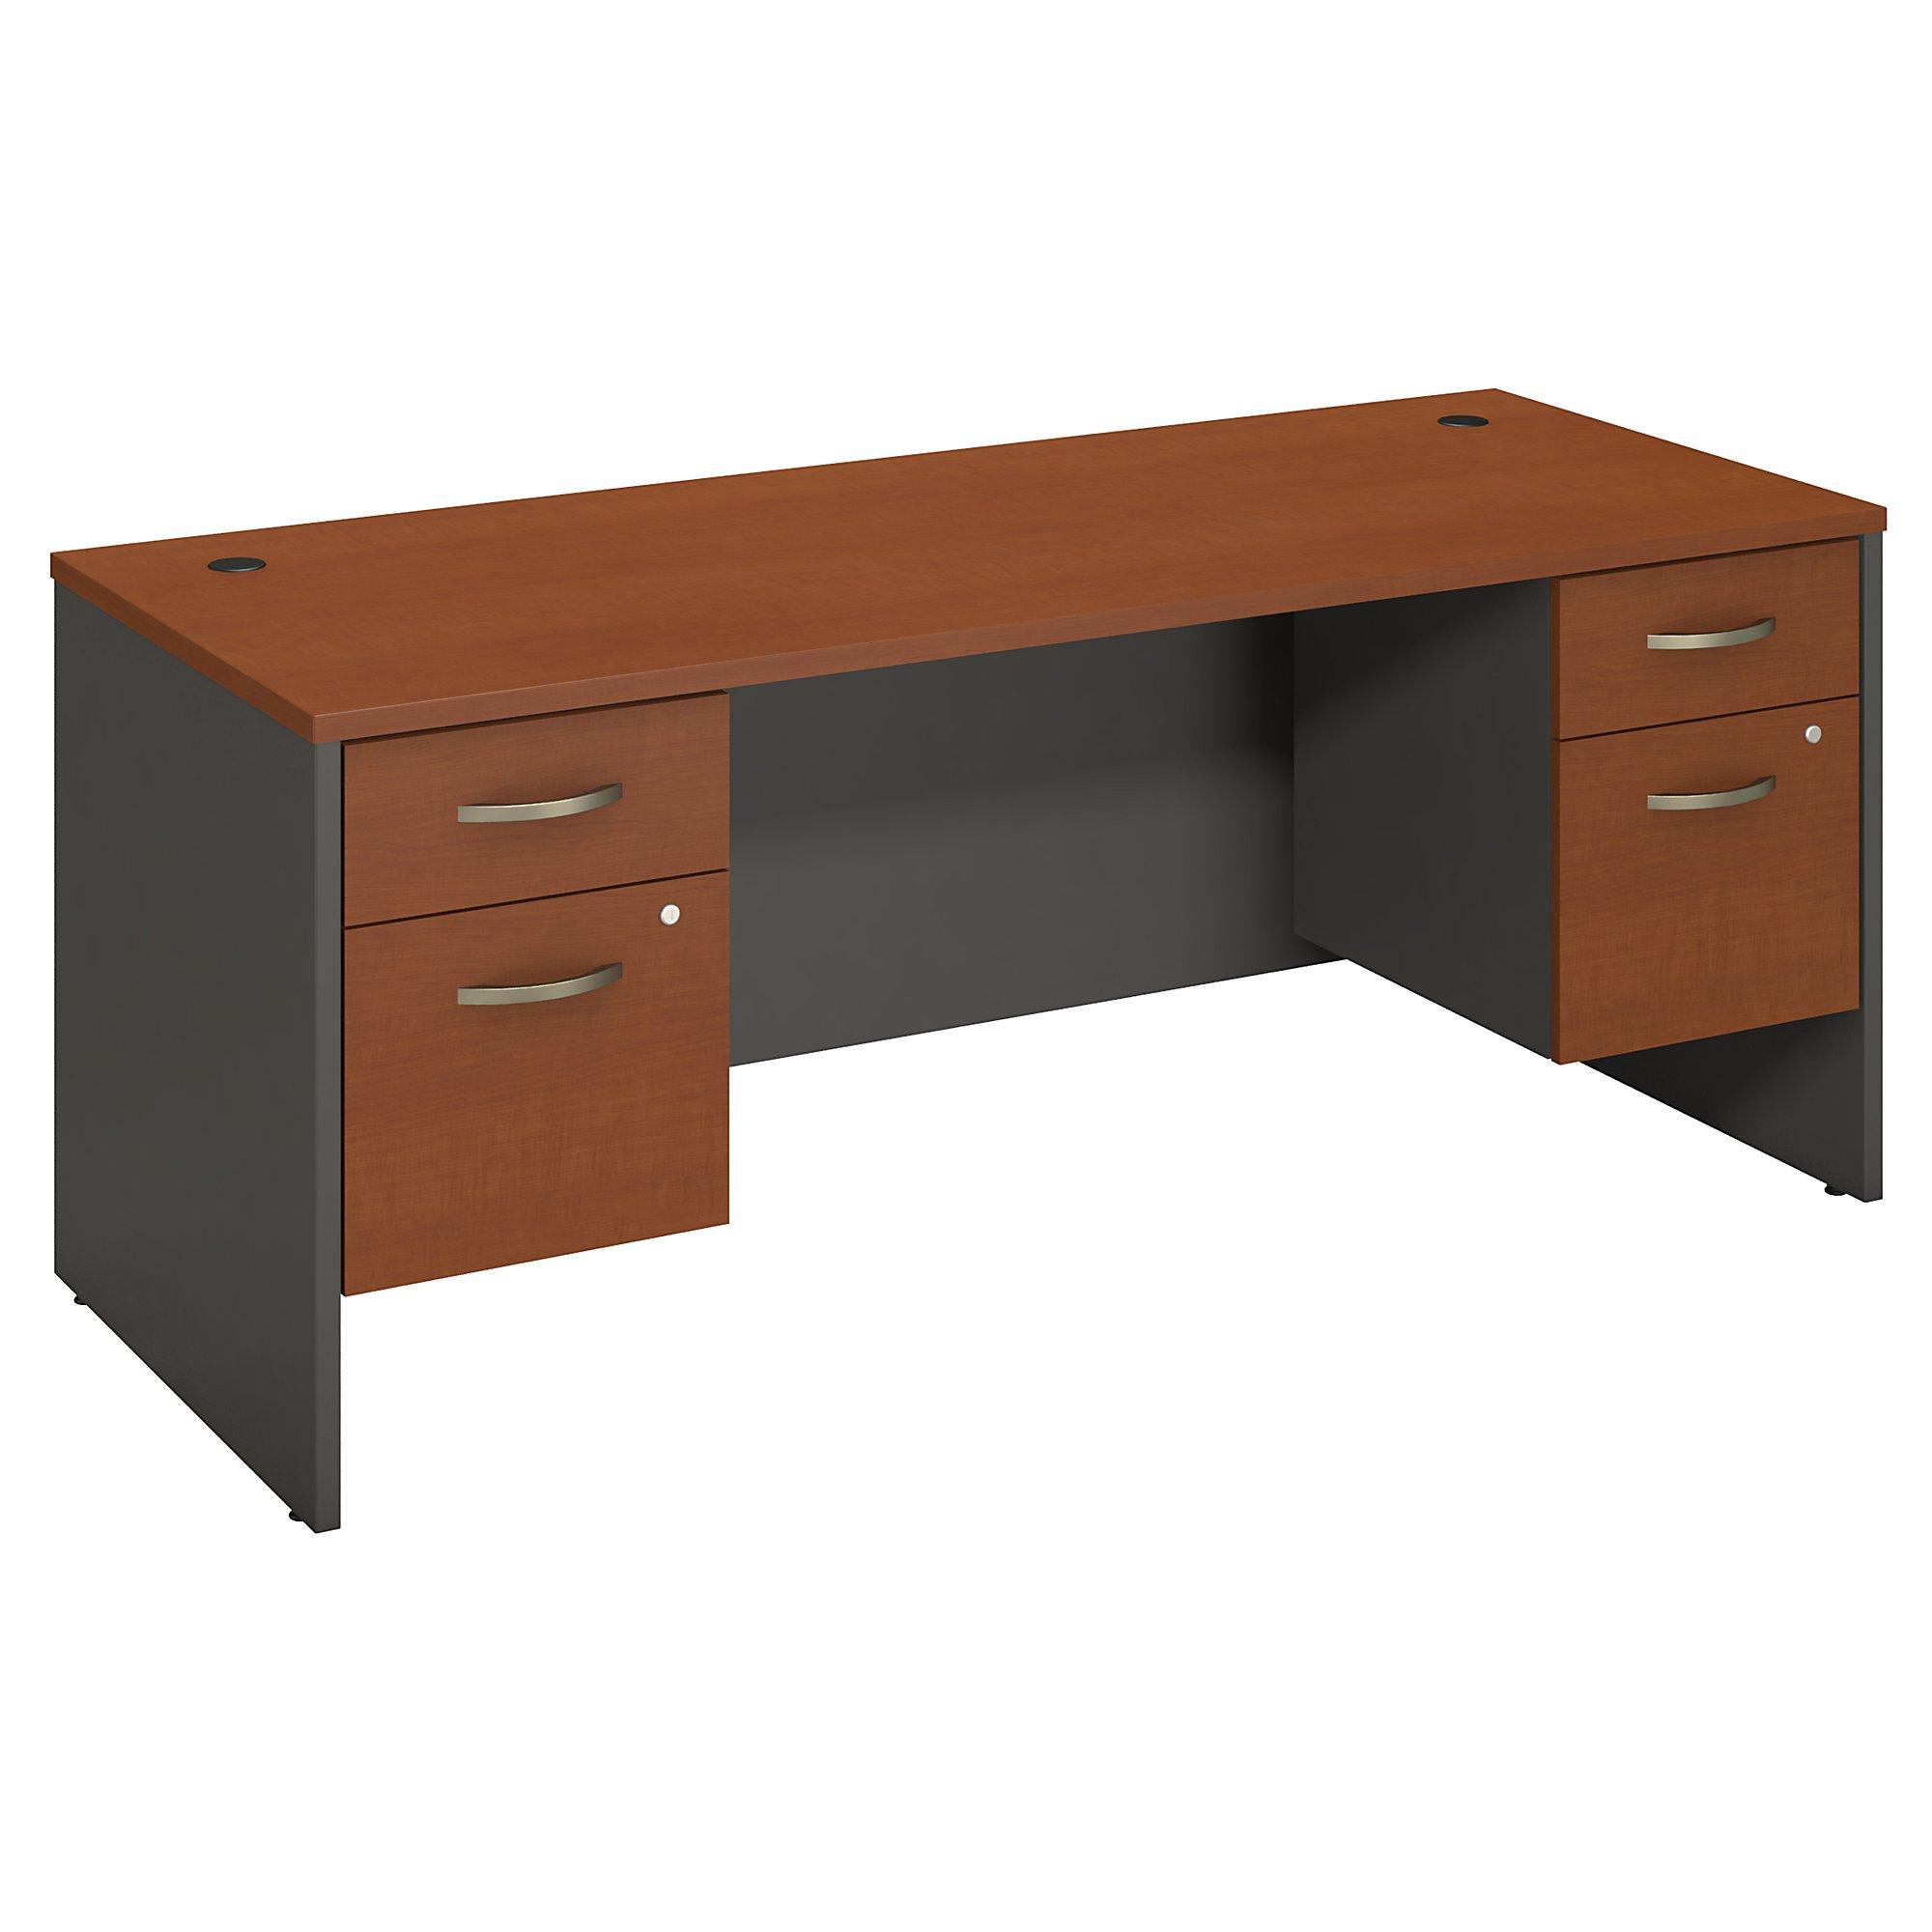 auburn maple series c 72w desk with pedestals